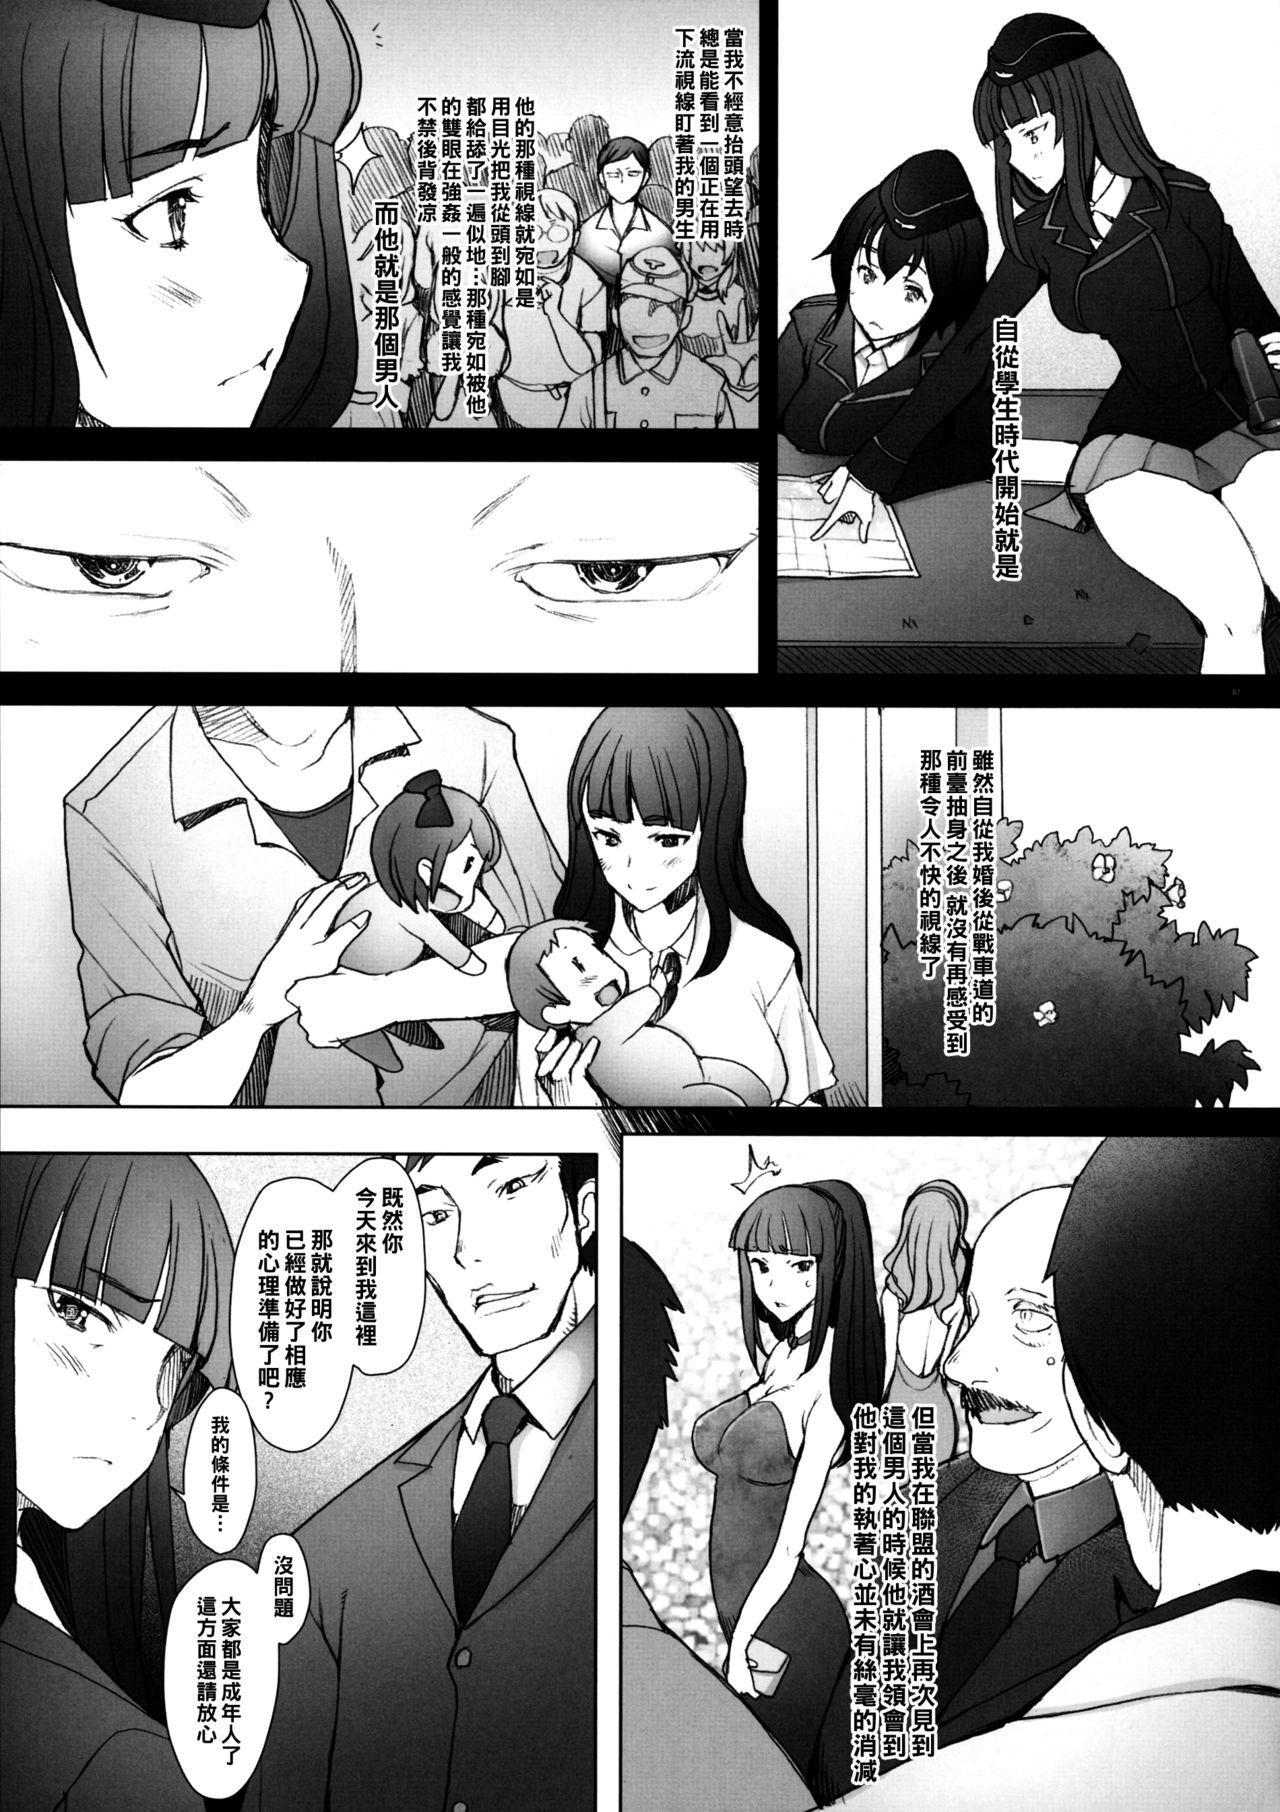 (C90) [Kohakutei (Sakai Hamachi)] Shikin-guri ni Komatta Joukyou ni Tsukekonde Nama Sounyuu & Nakadashi o Kimetemimashita Nishizumi-ryuu Iemoto no Baai (Girls und Panzer) [Chinese] 5